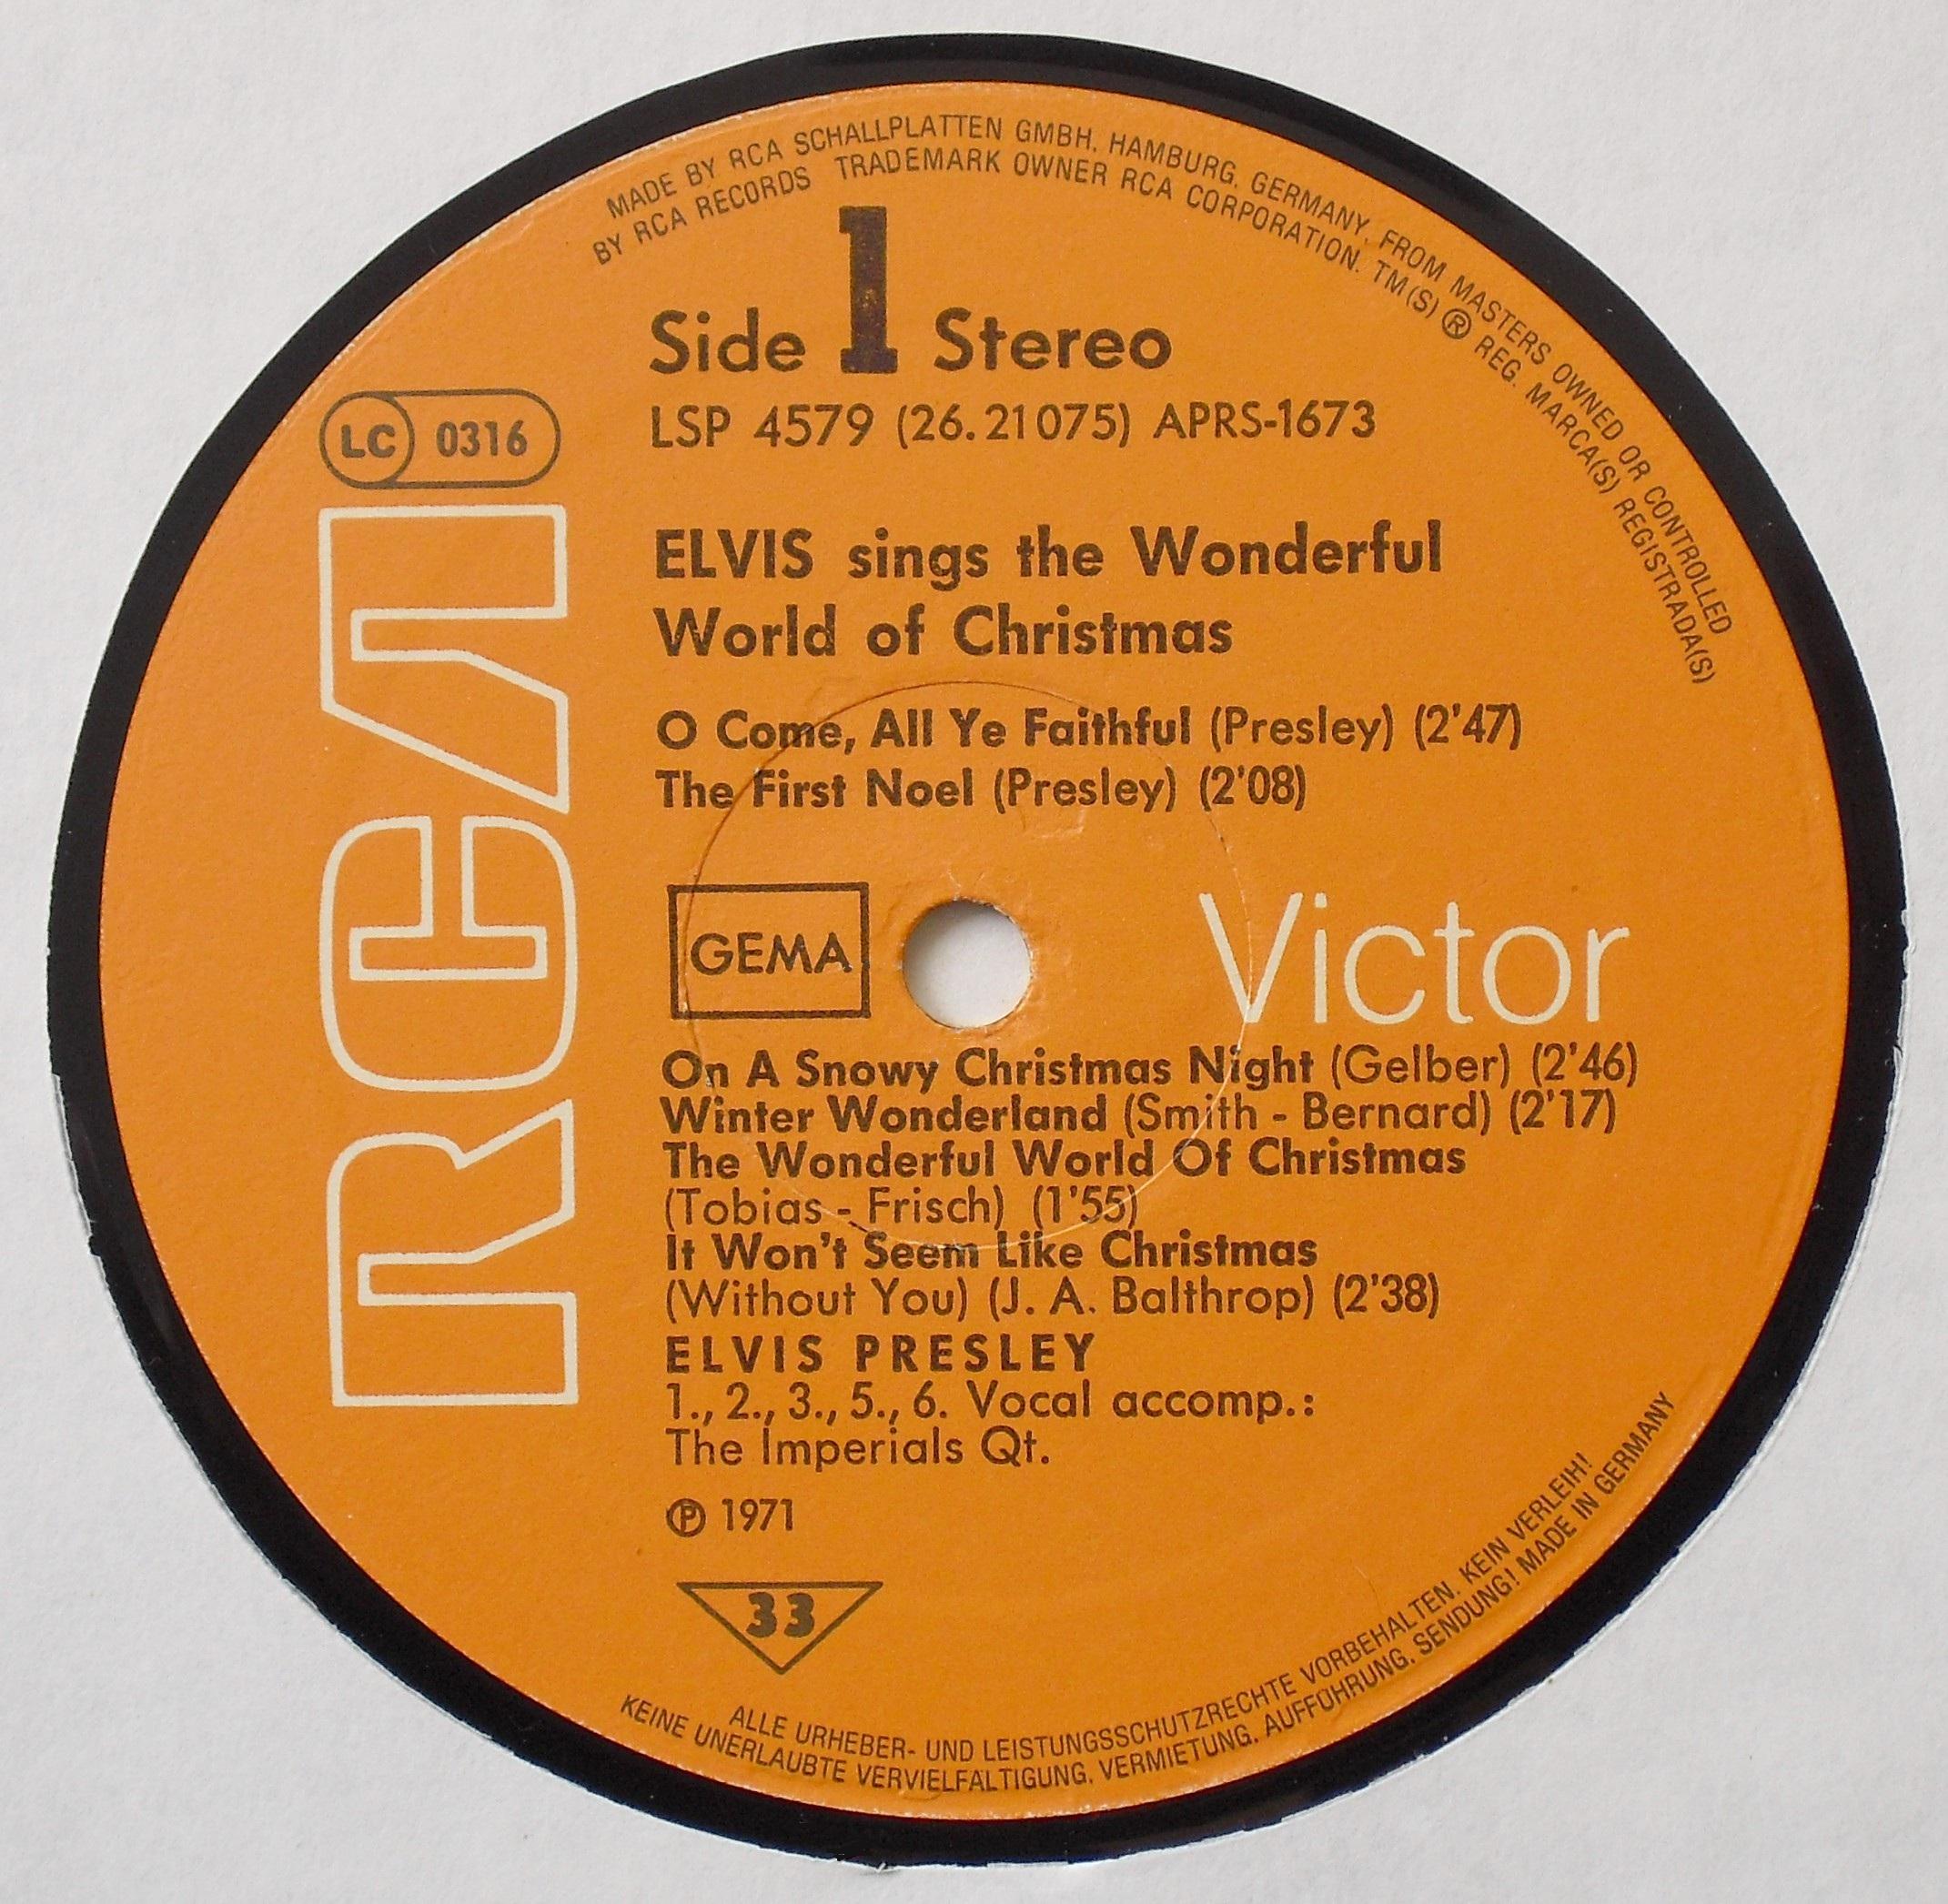 ELVIS SINGS THE WONDERFUL WORLD OF CHRISTMAS 03s1ydj6l